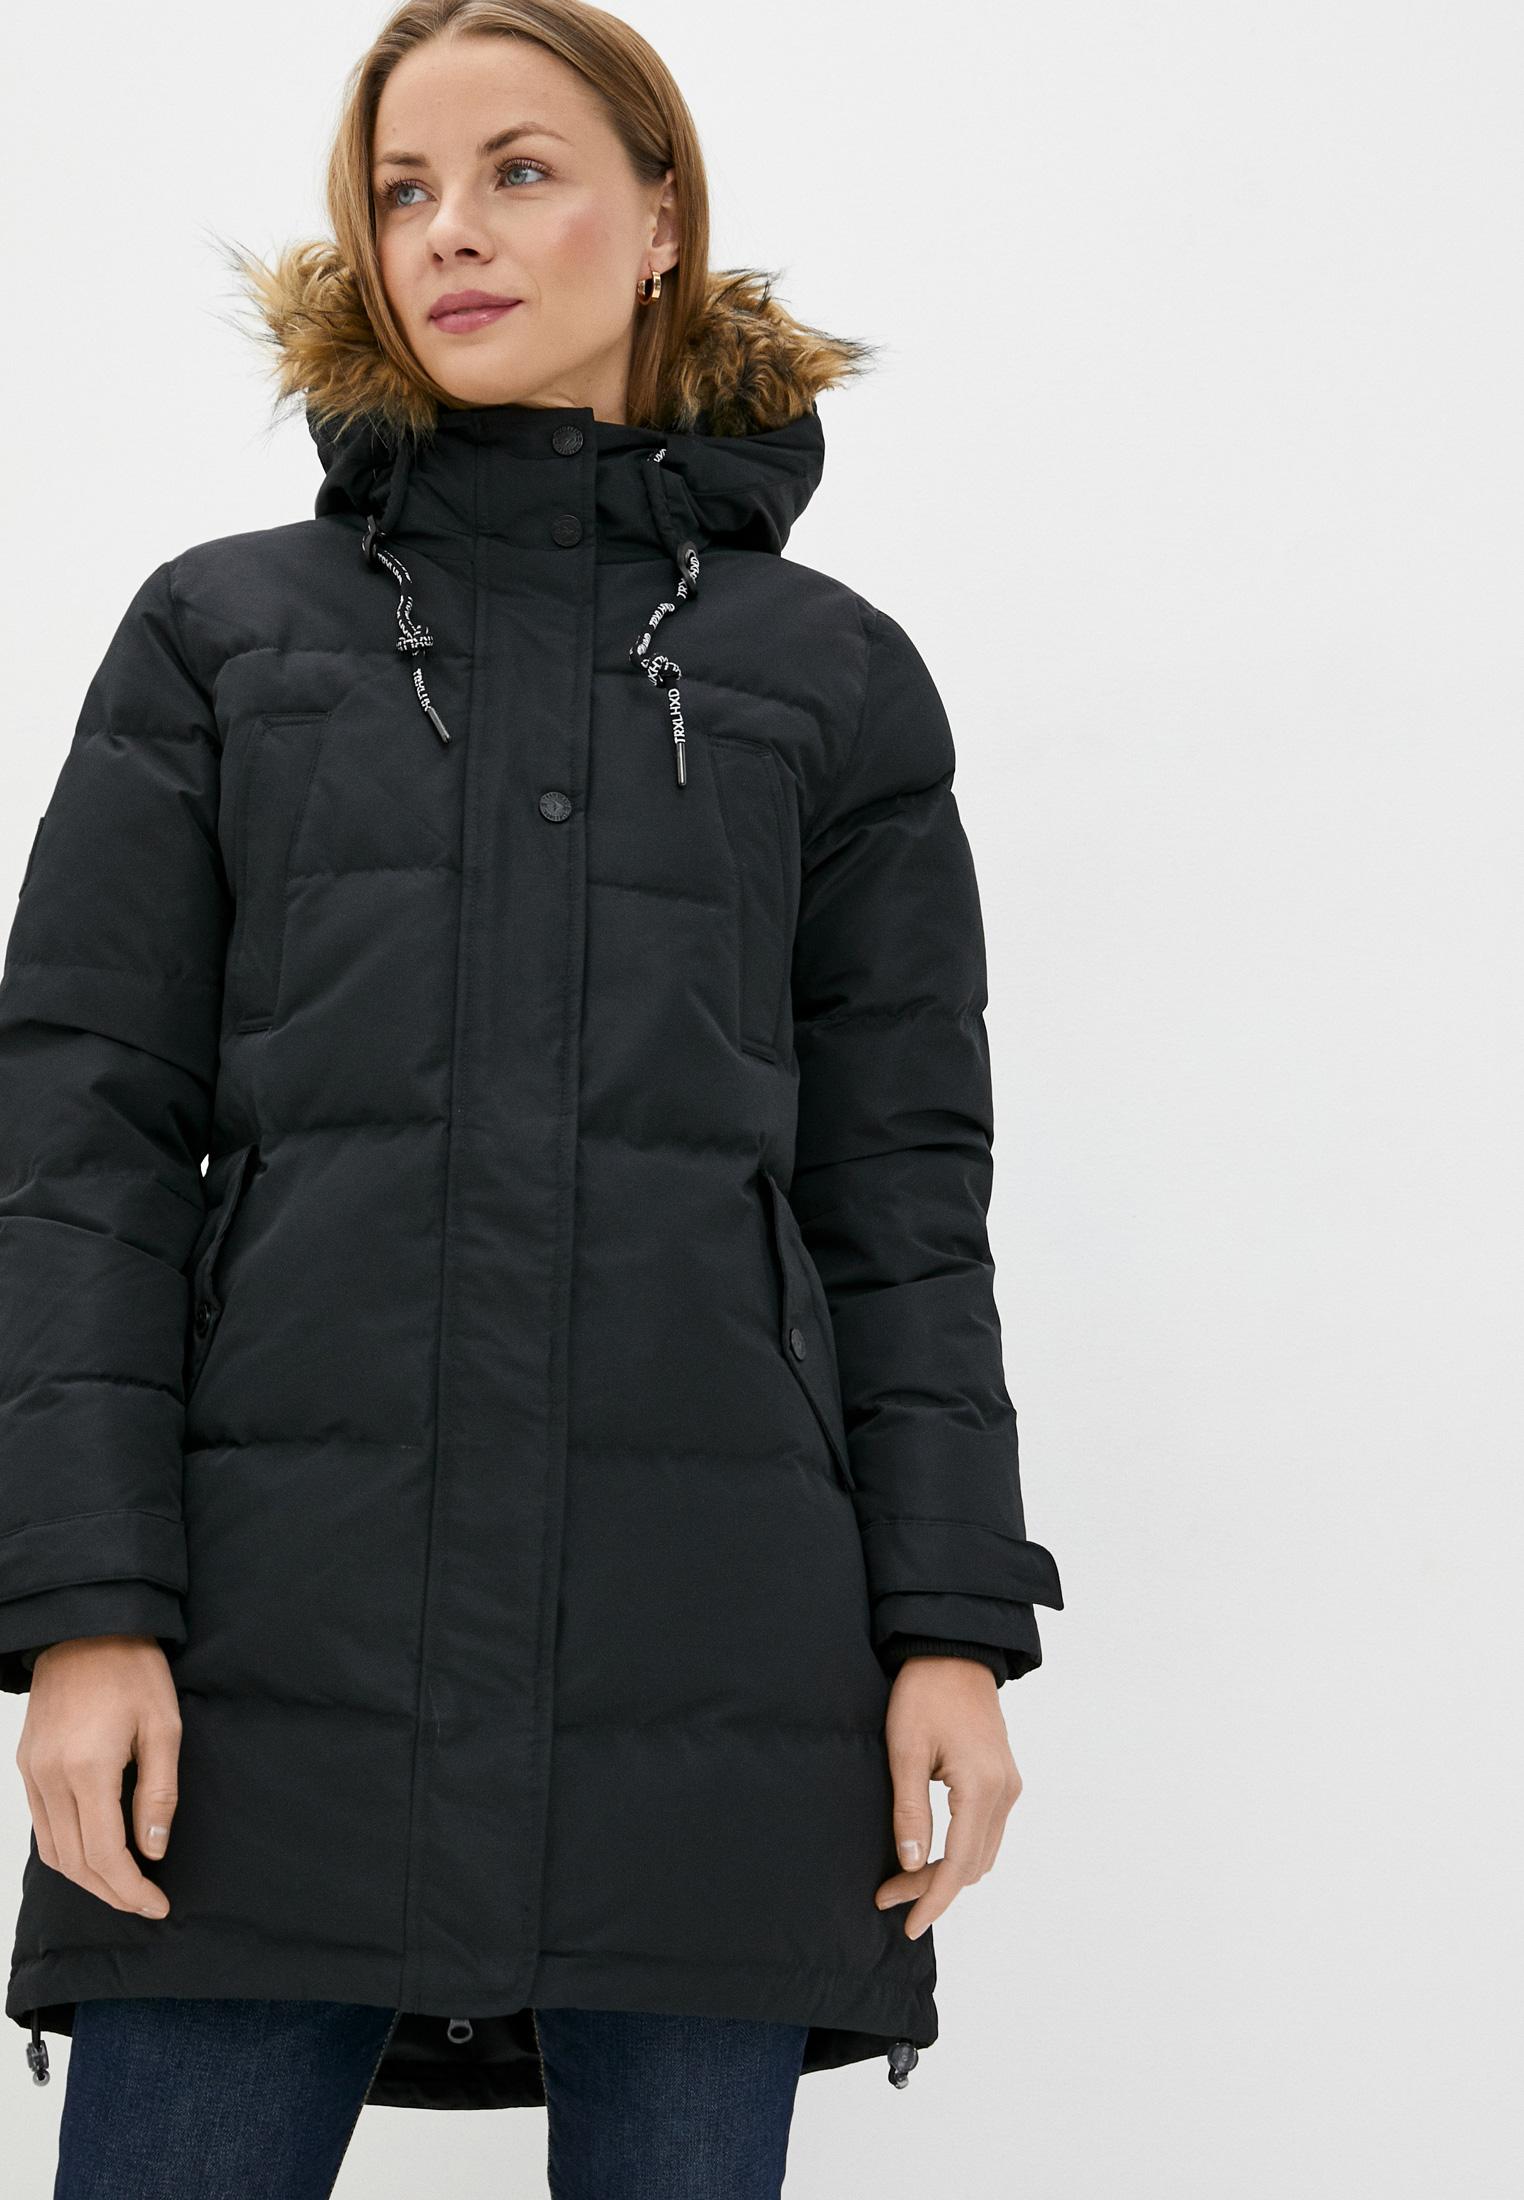 Утепленная куртка Trailhead WJK561D